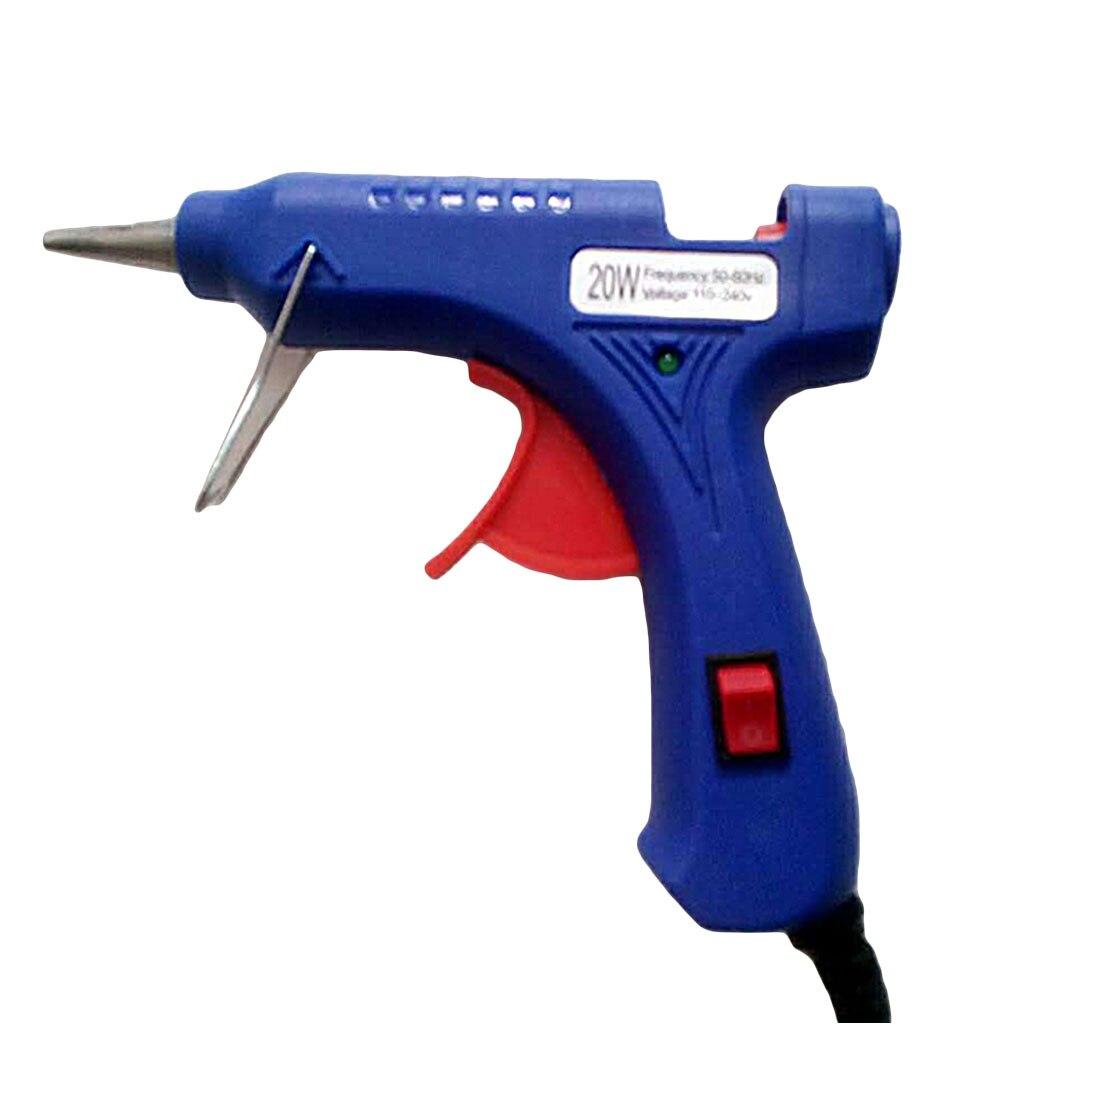 Вт 20 Вт EU штекер термоклеевой пистолет для мм 7 мм клеевой клей-карандаш промышленные мини-пистолеты термо-Электрический термоинструмент